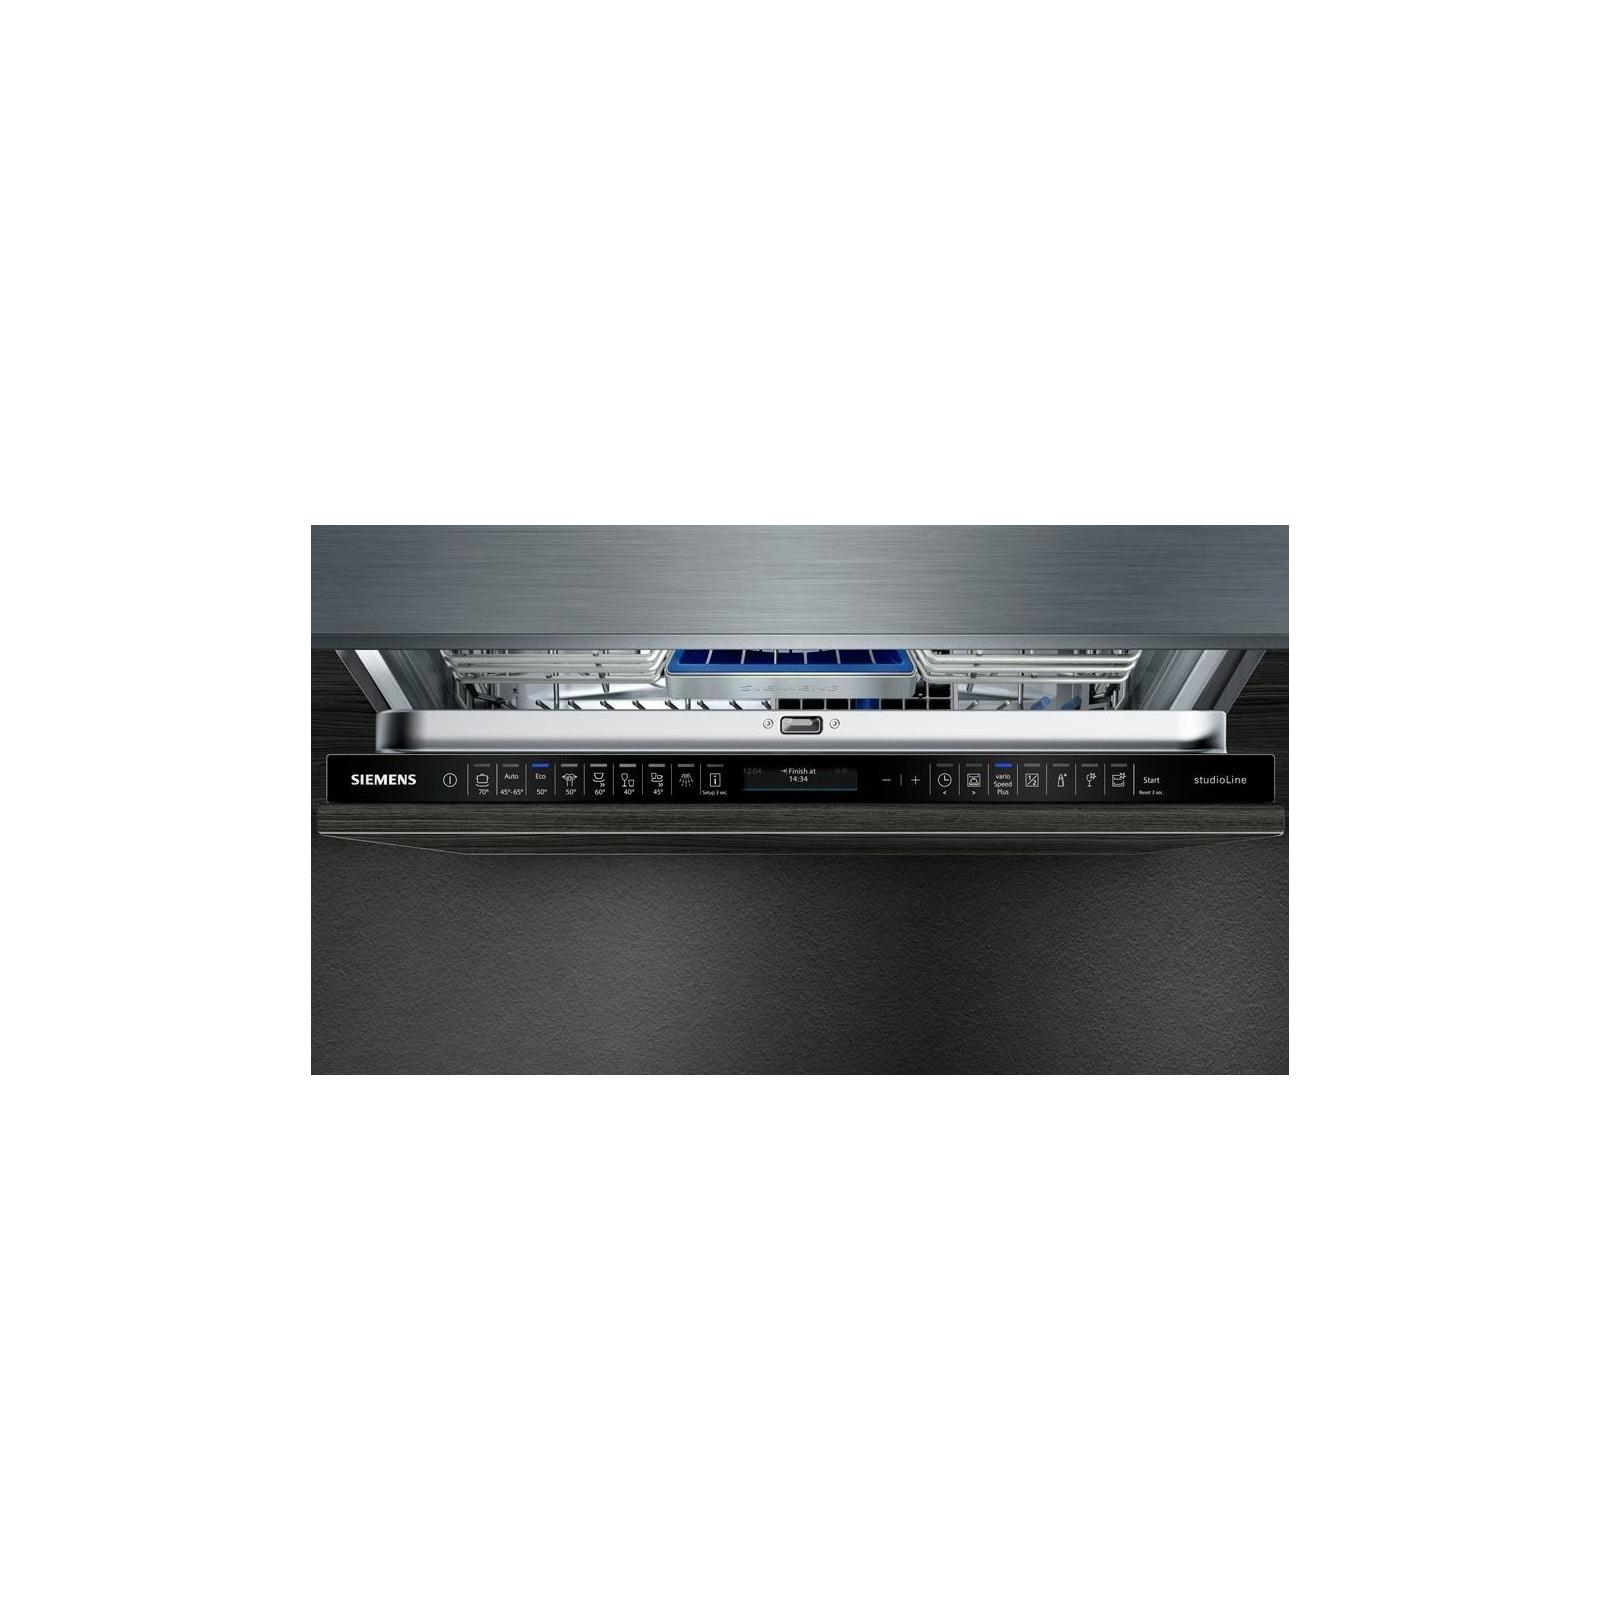 Посудомоечная машина Siemens SX 857 X00PE изображение 2